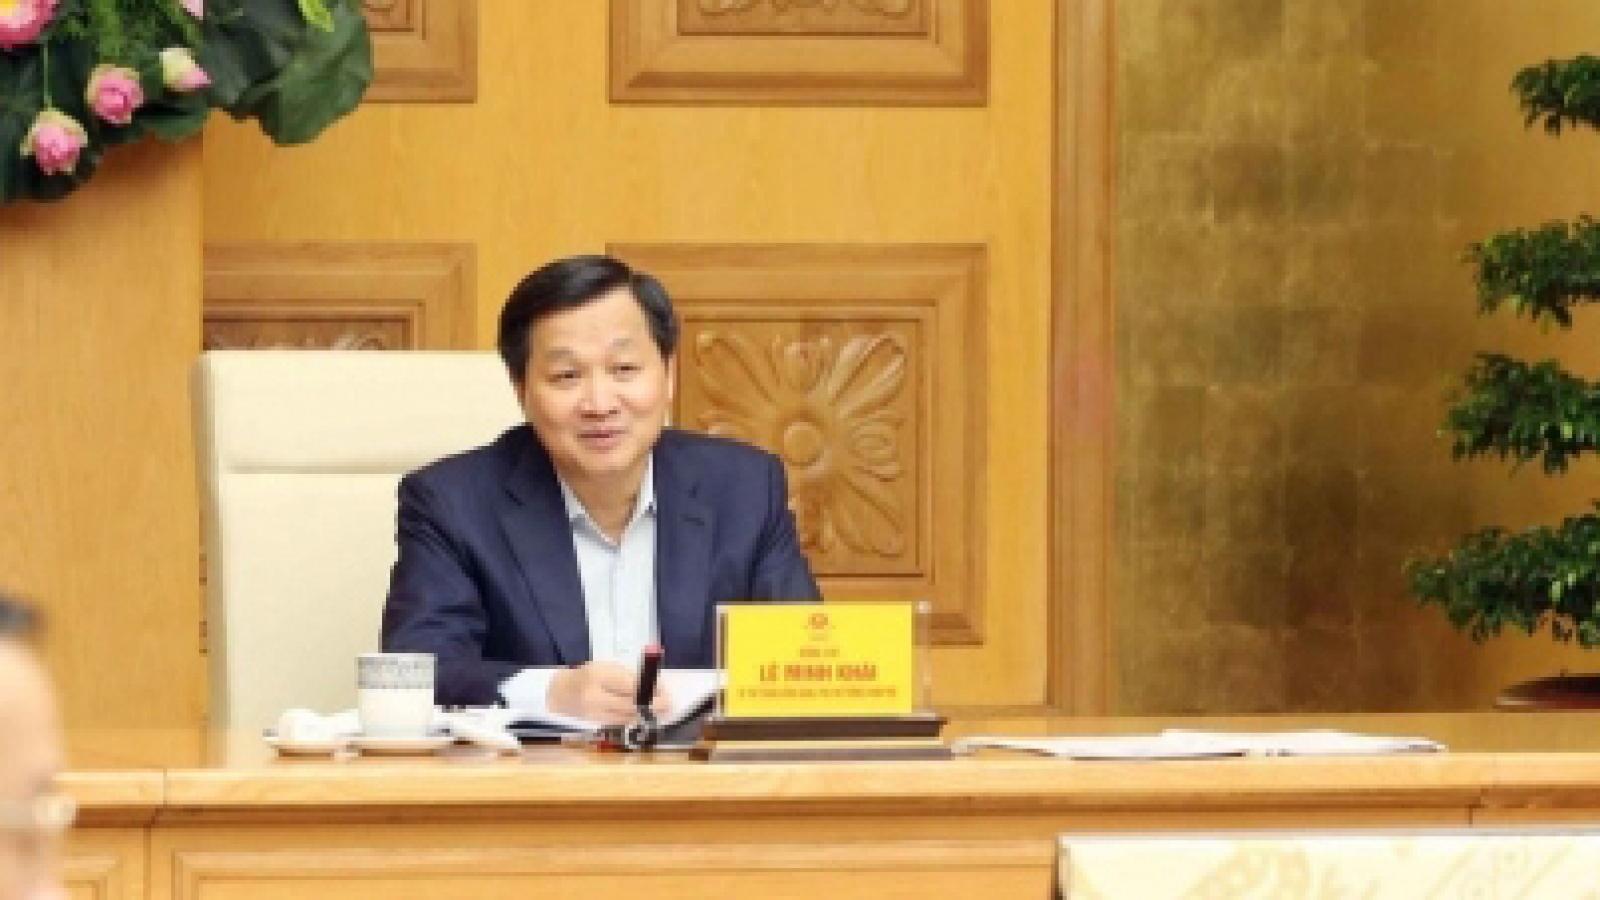 Phó Thủ tướng Lê Minh Khái: Theo dõi sát tình hình, điều hành giá chủ động, linh hoạt, hiệu quả